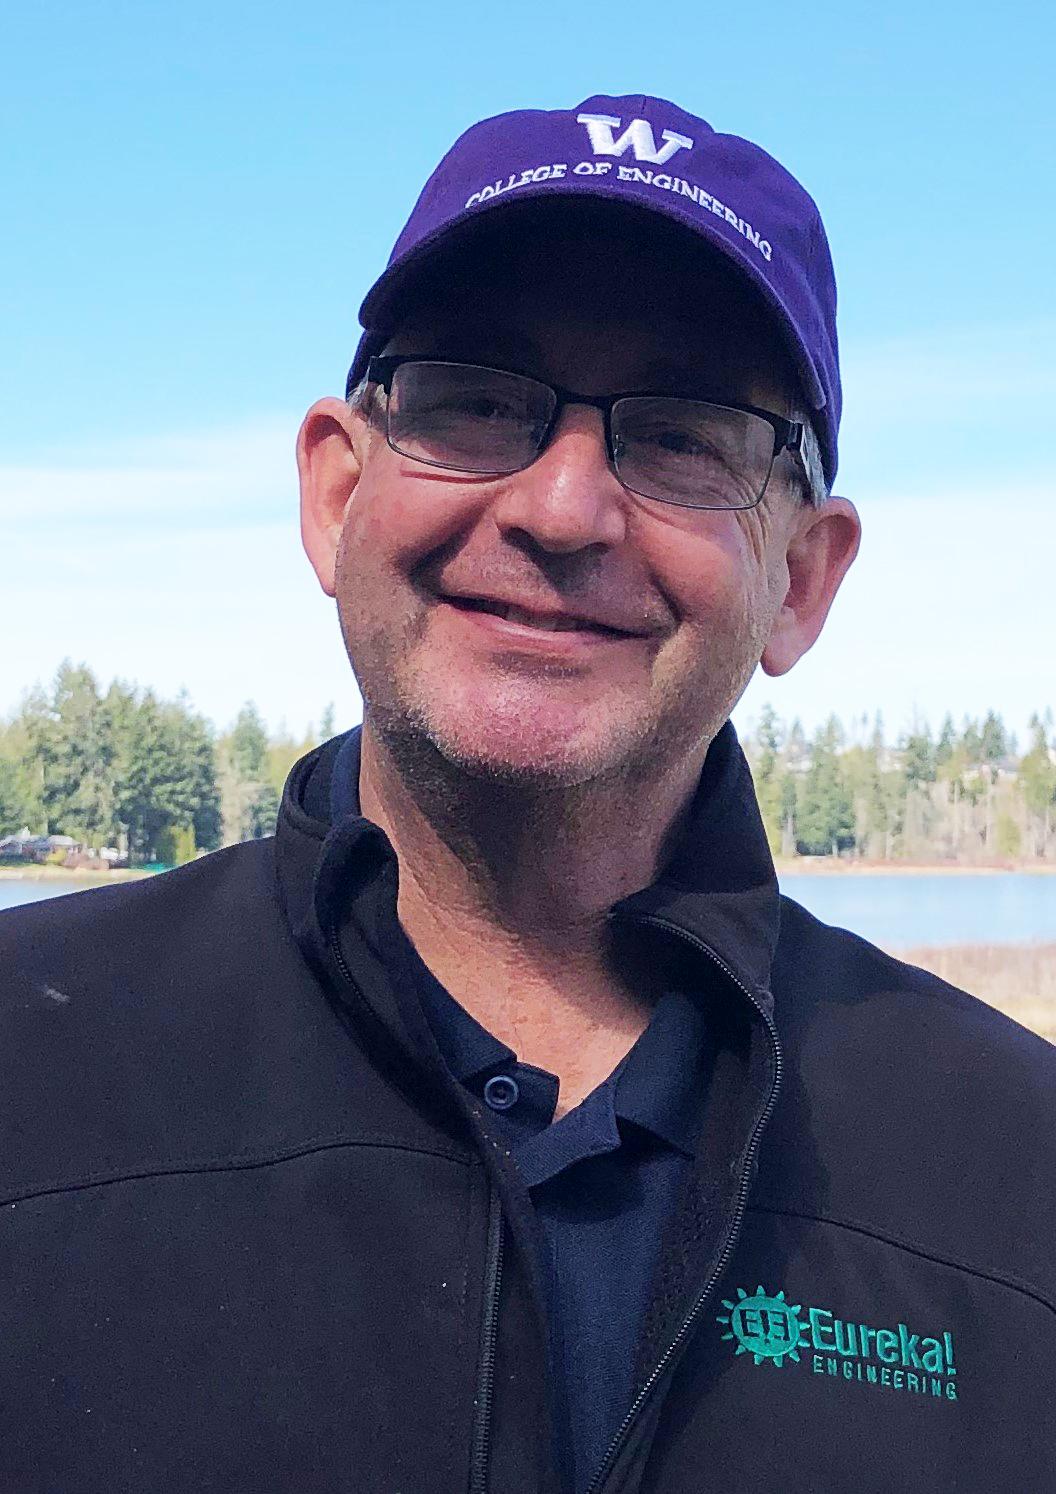 Neil Skogland